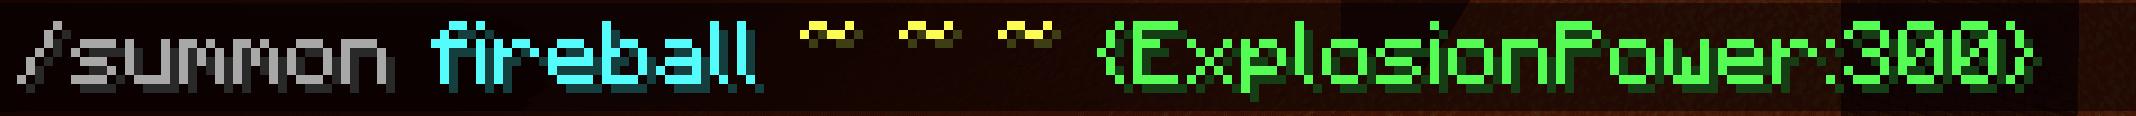 Comando per Minecraft 1.16 per evocare Fireball in grado di poter rompere l'Ossidiana - non è necessario il DataTag direction!